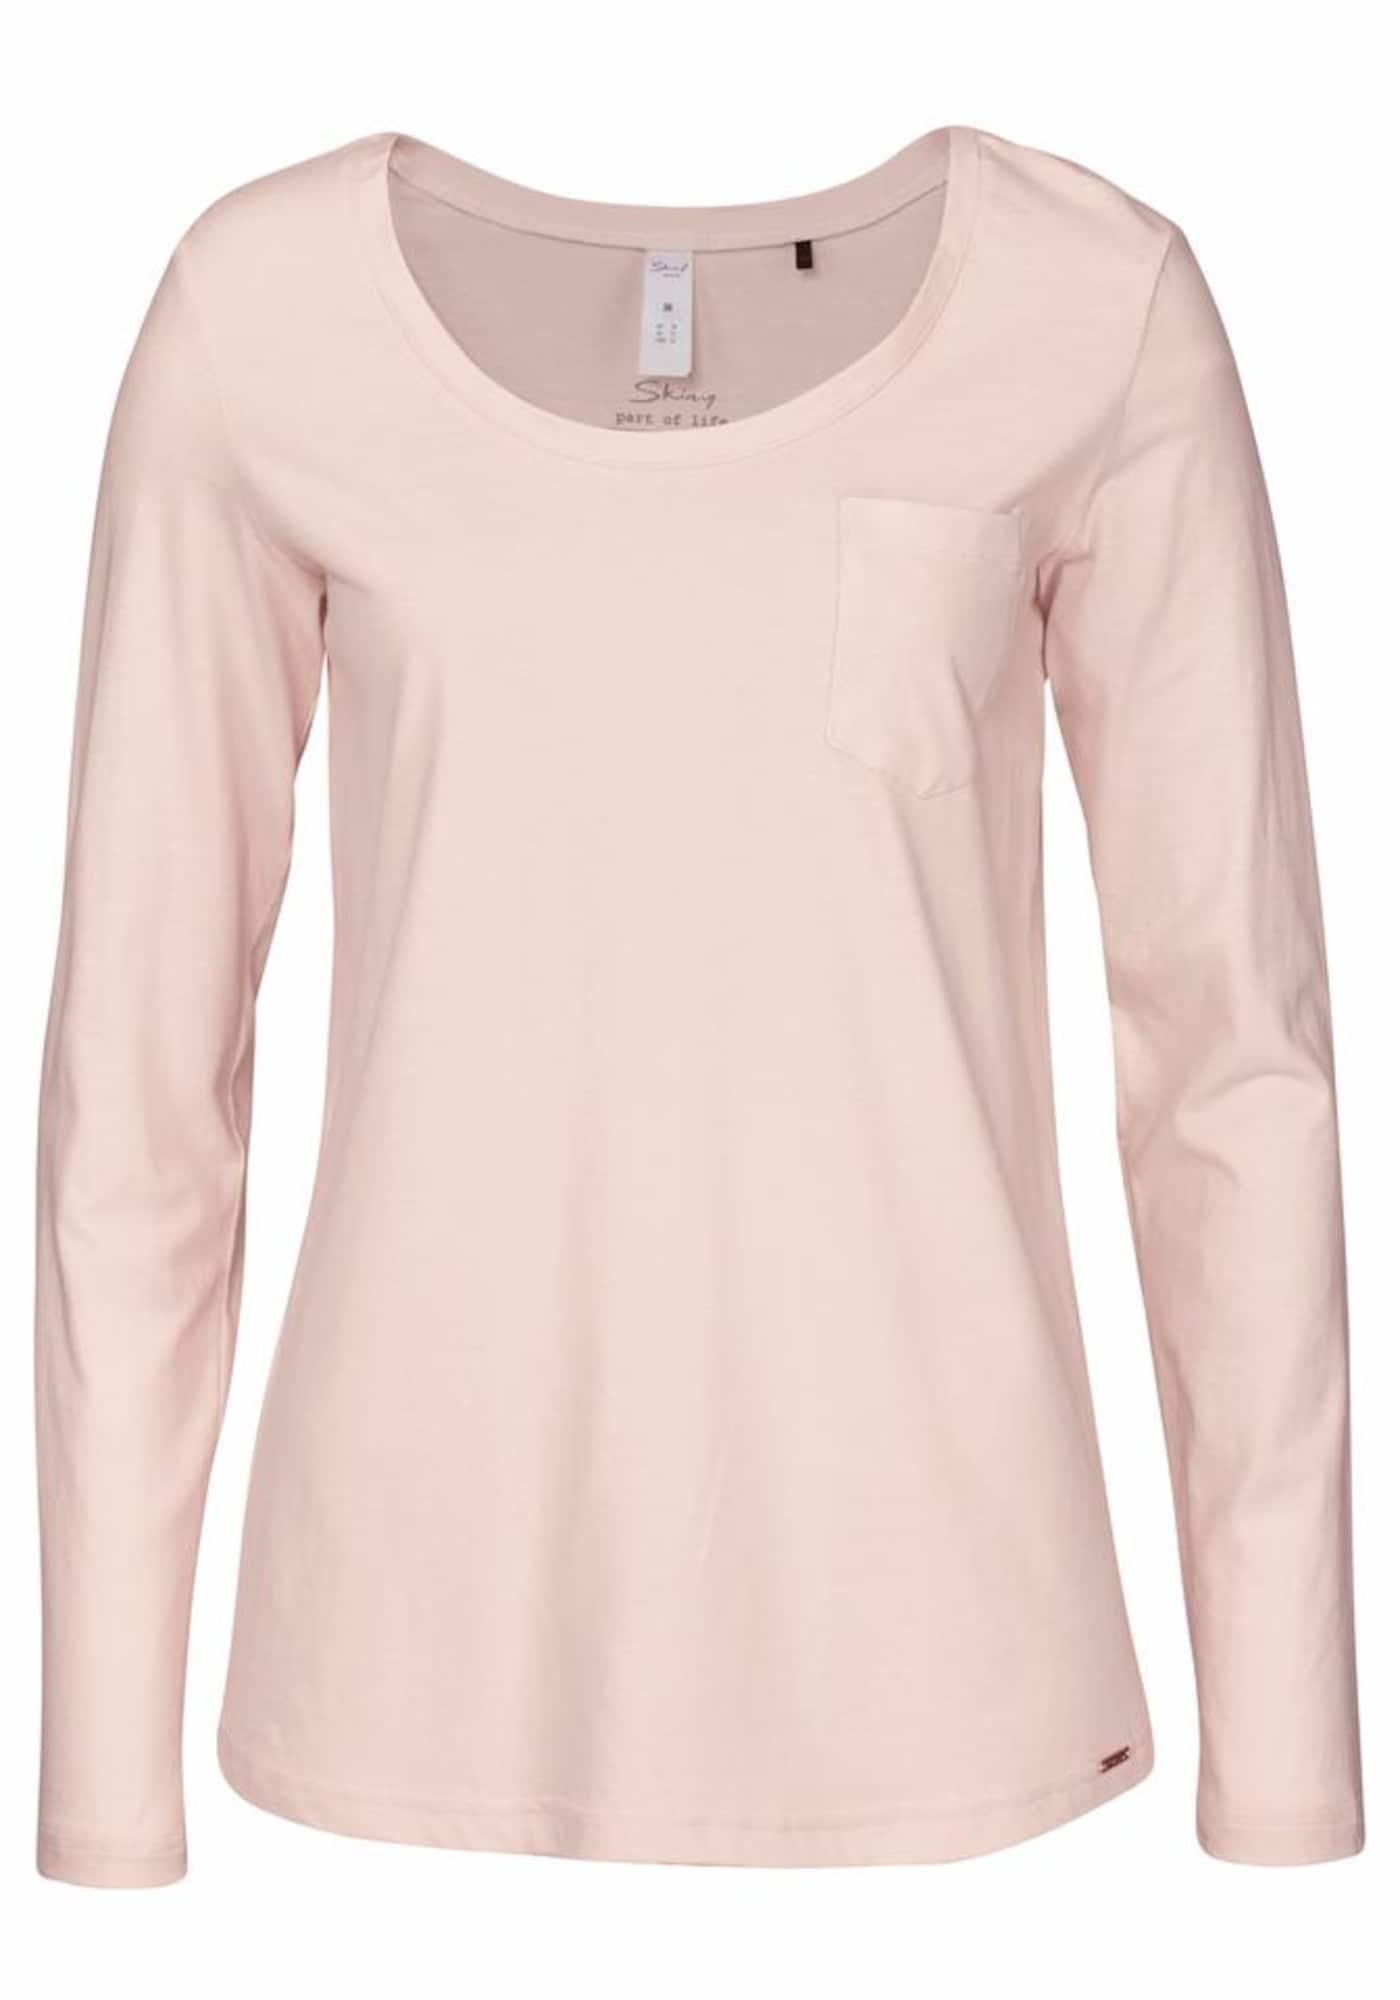 Tričko na spaní růžová Skiny